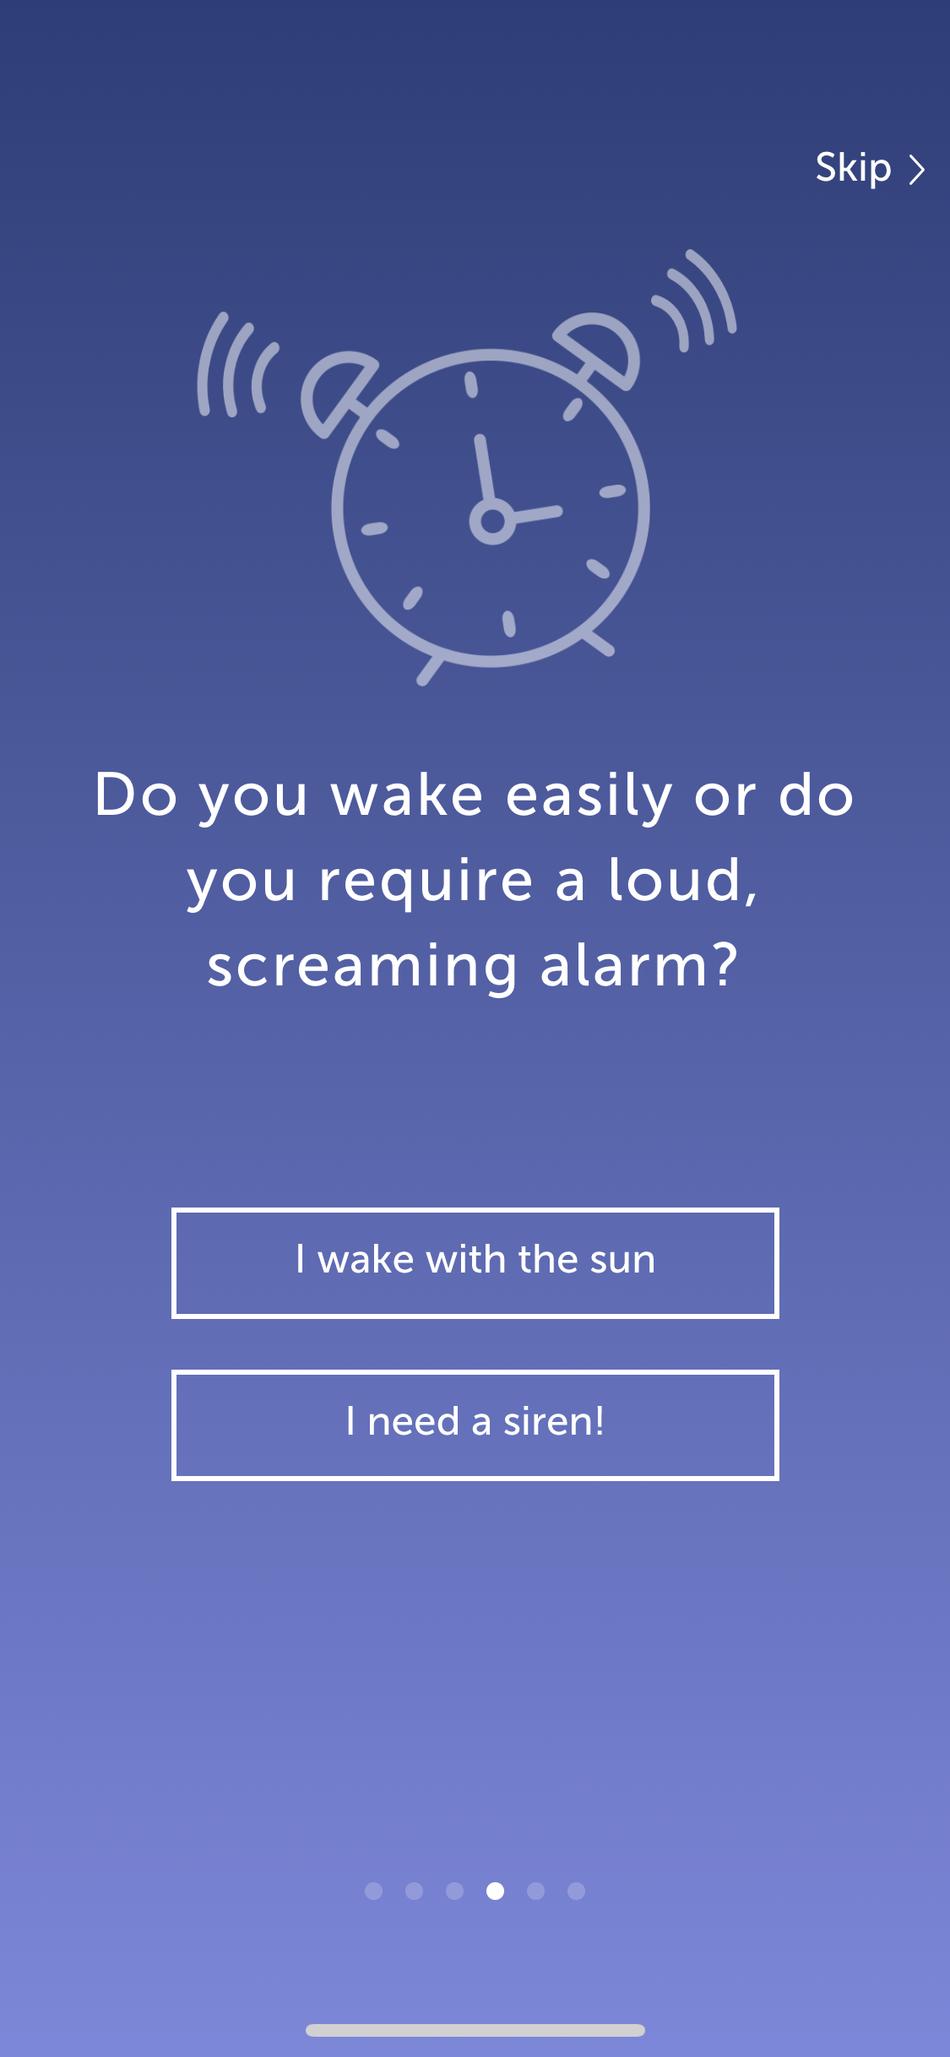 Me decidí por la segunda opción en este caso.